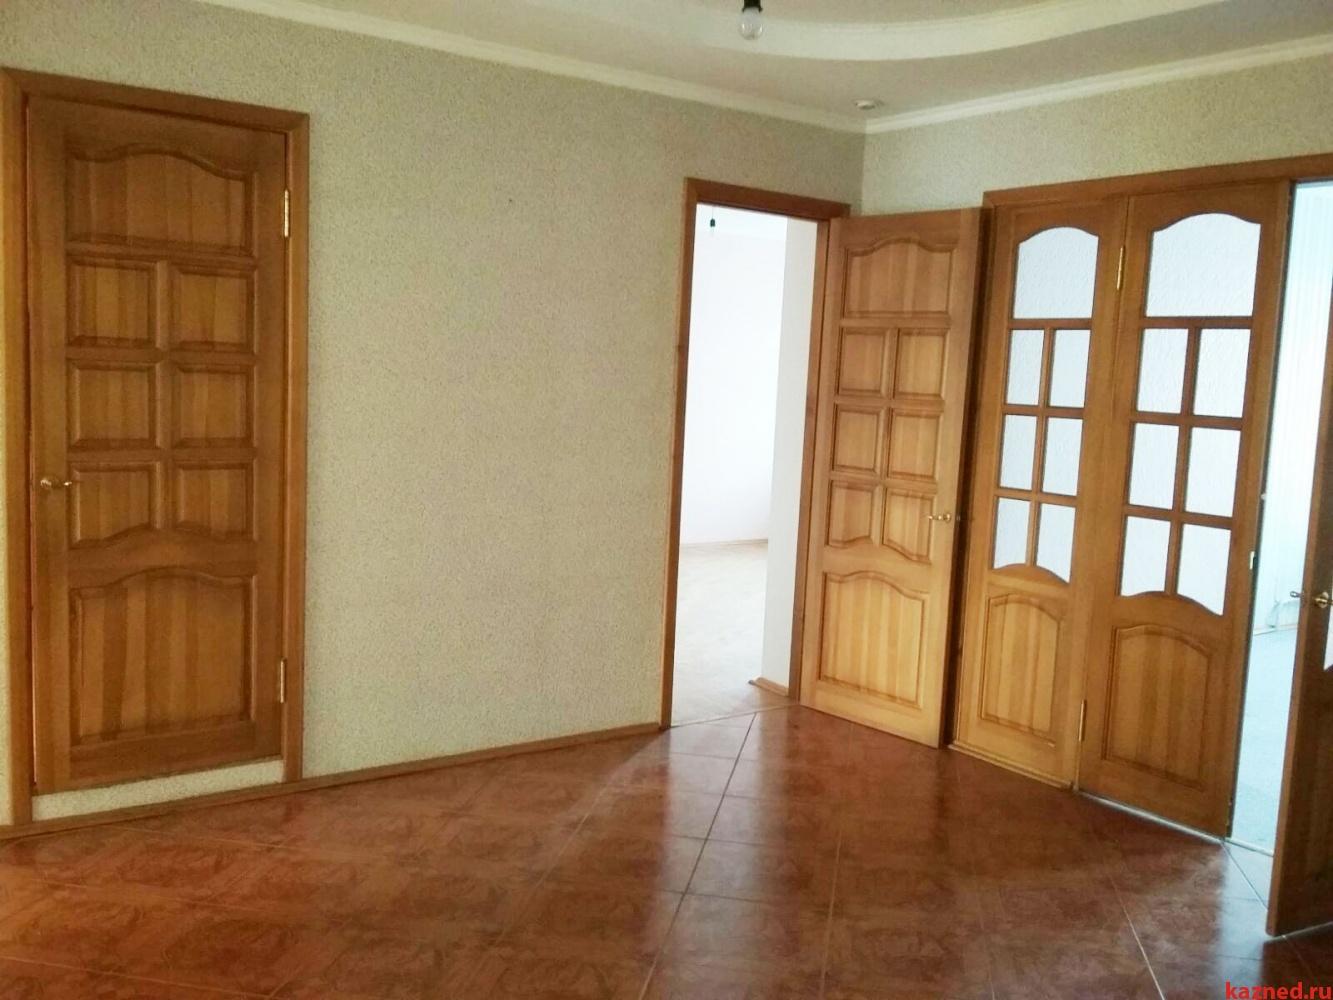 Продажа 4-к квартиры Толстого ул, 16А, 167 м2  (миниатюра №6)